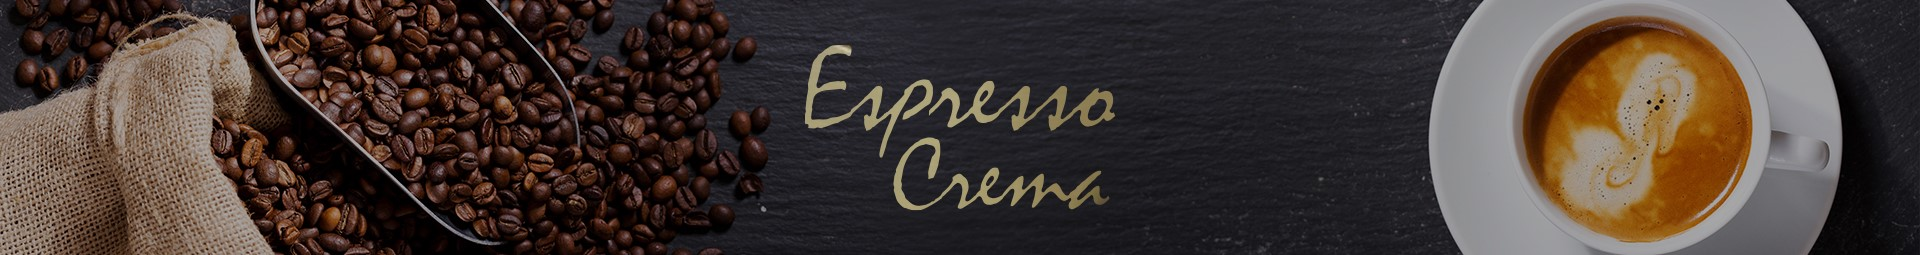 banner marca